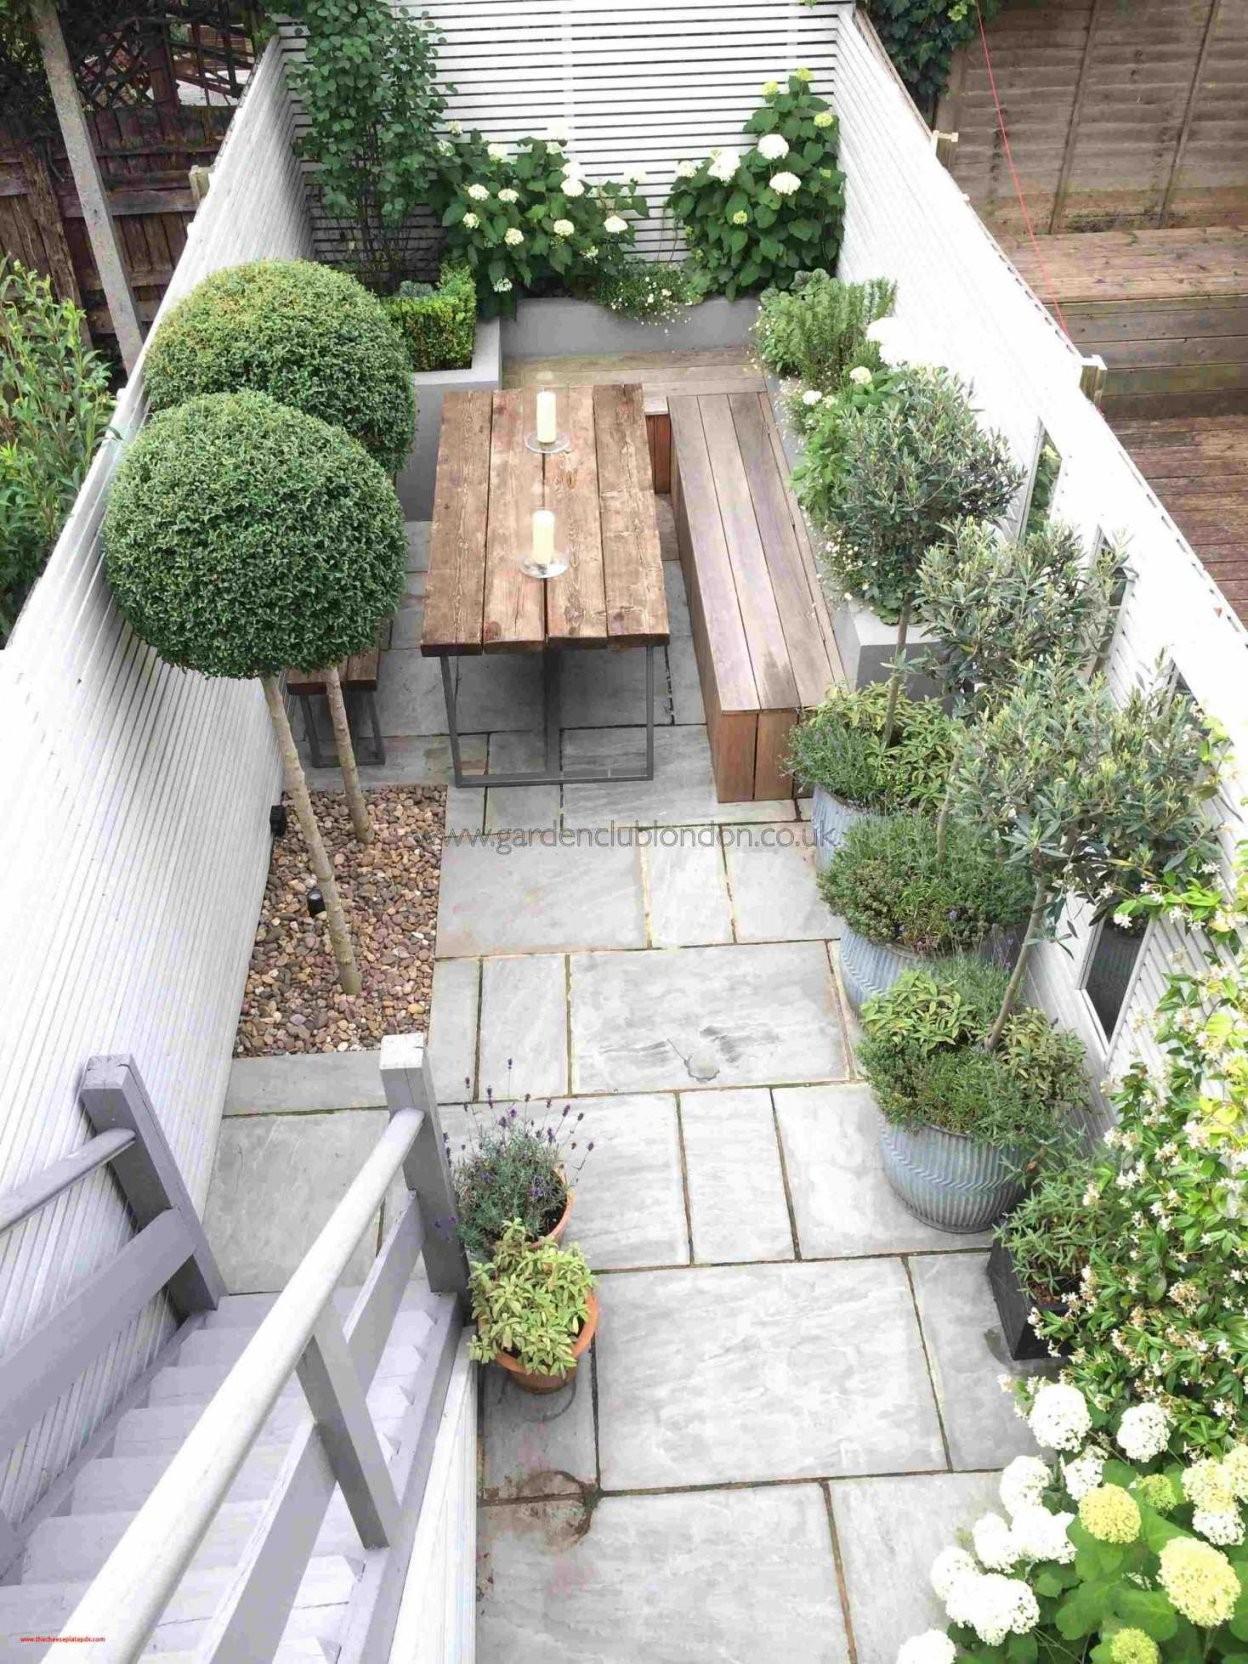 Steine Für Garten Günstig Balkon Gestalten Gunstig Parsvending von Steine Für Garten Günstig Photo